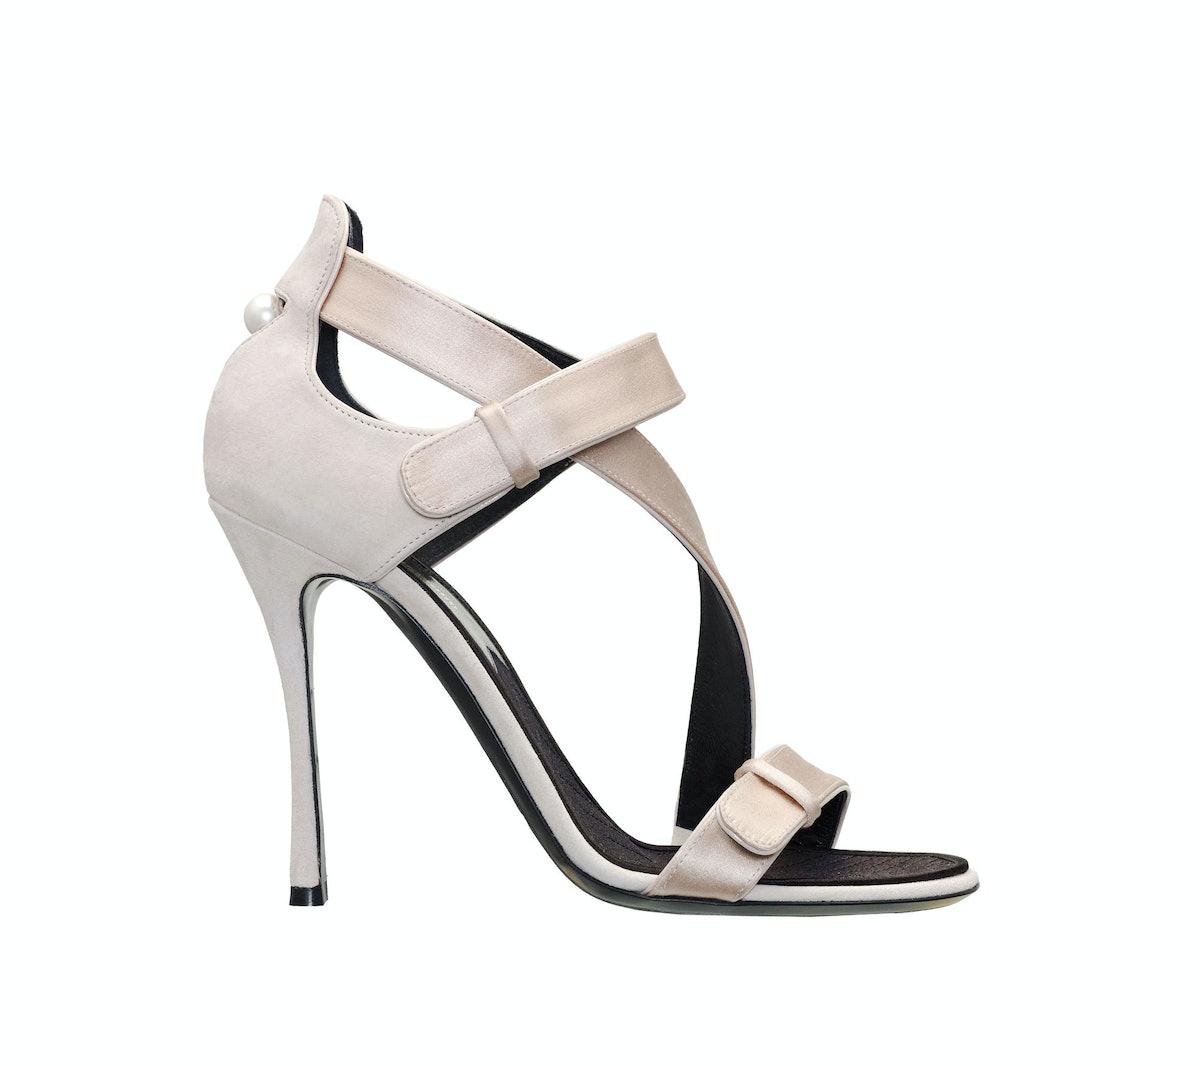 Nicholas Kirkwood heel